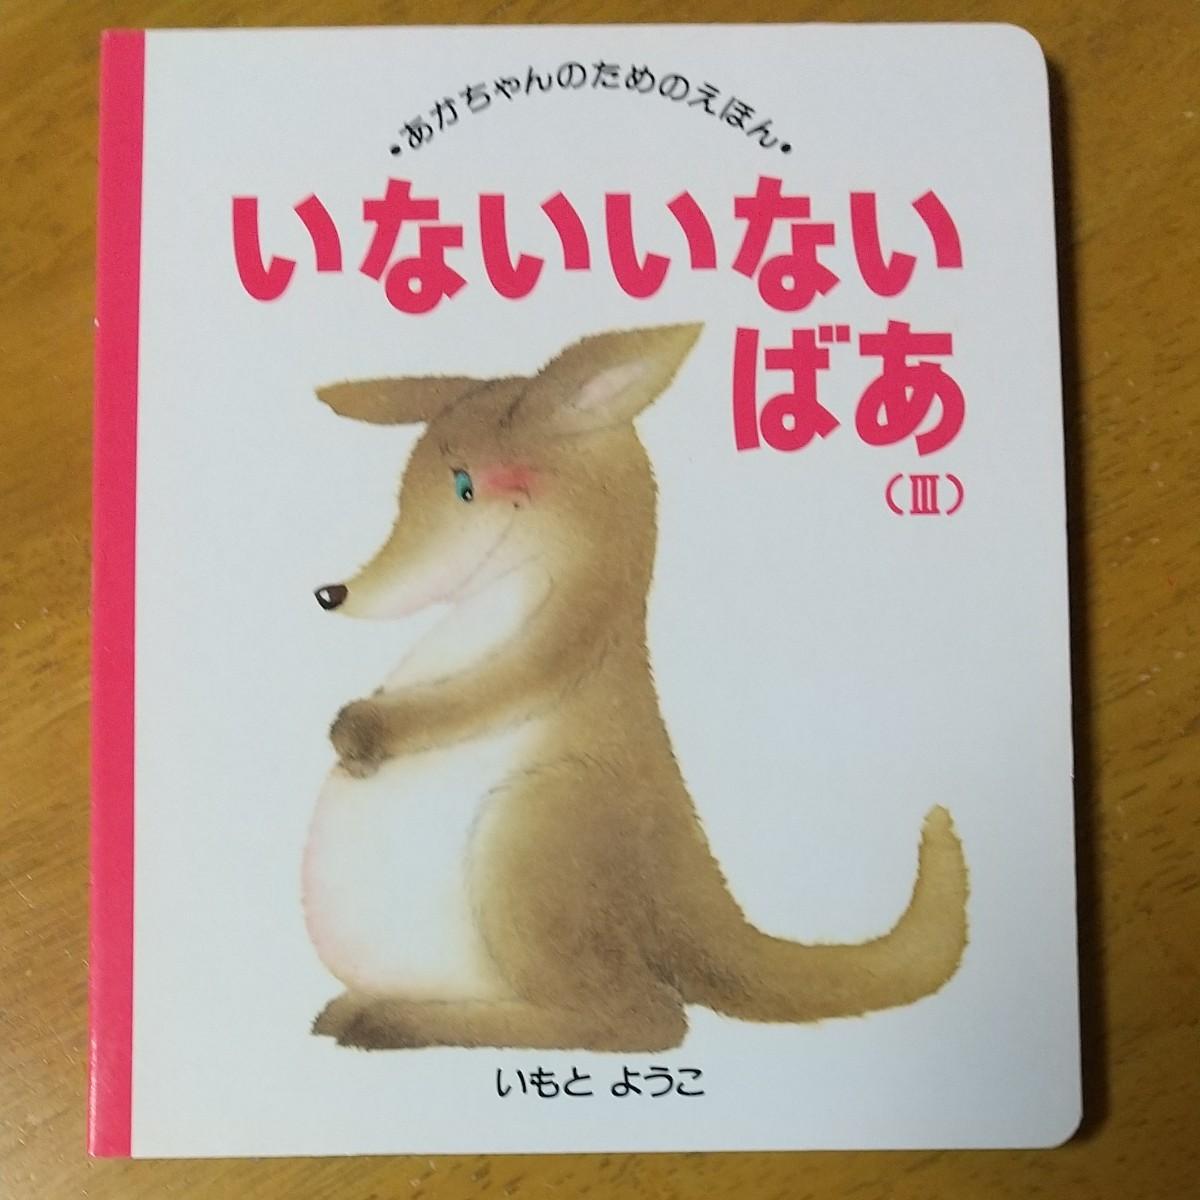 ☆絵本『いないいないばあ (3)』*あかちゃんのためのえほん